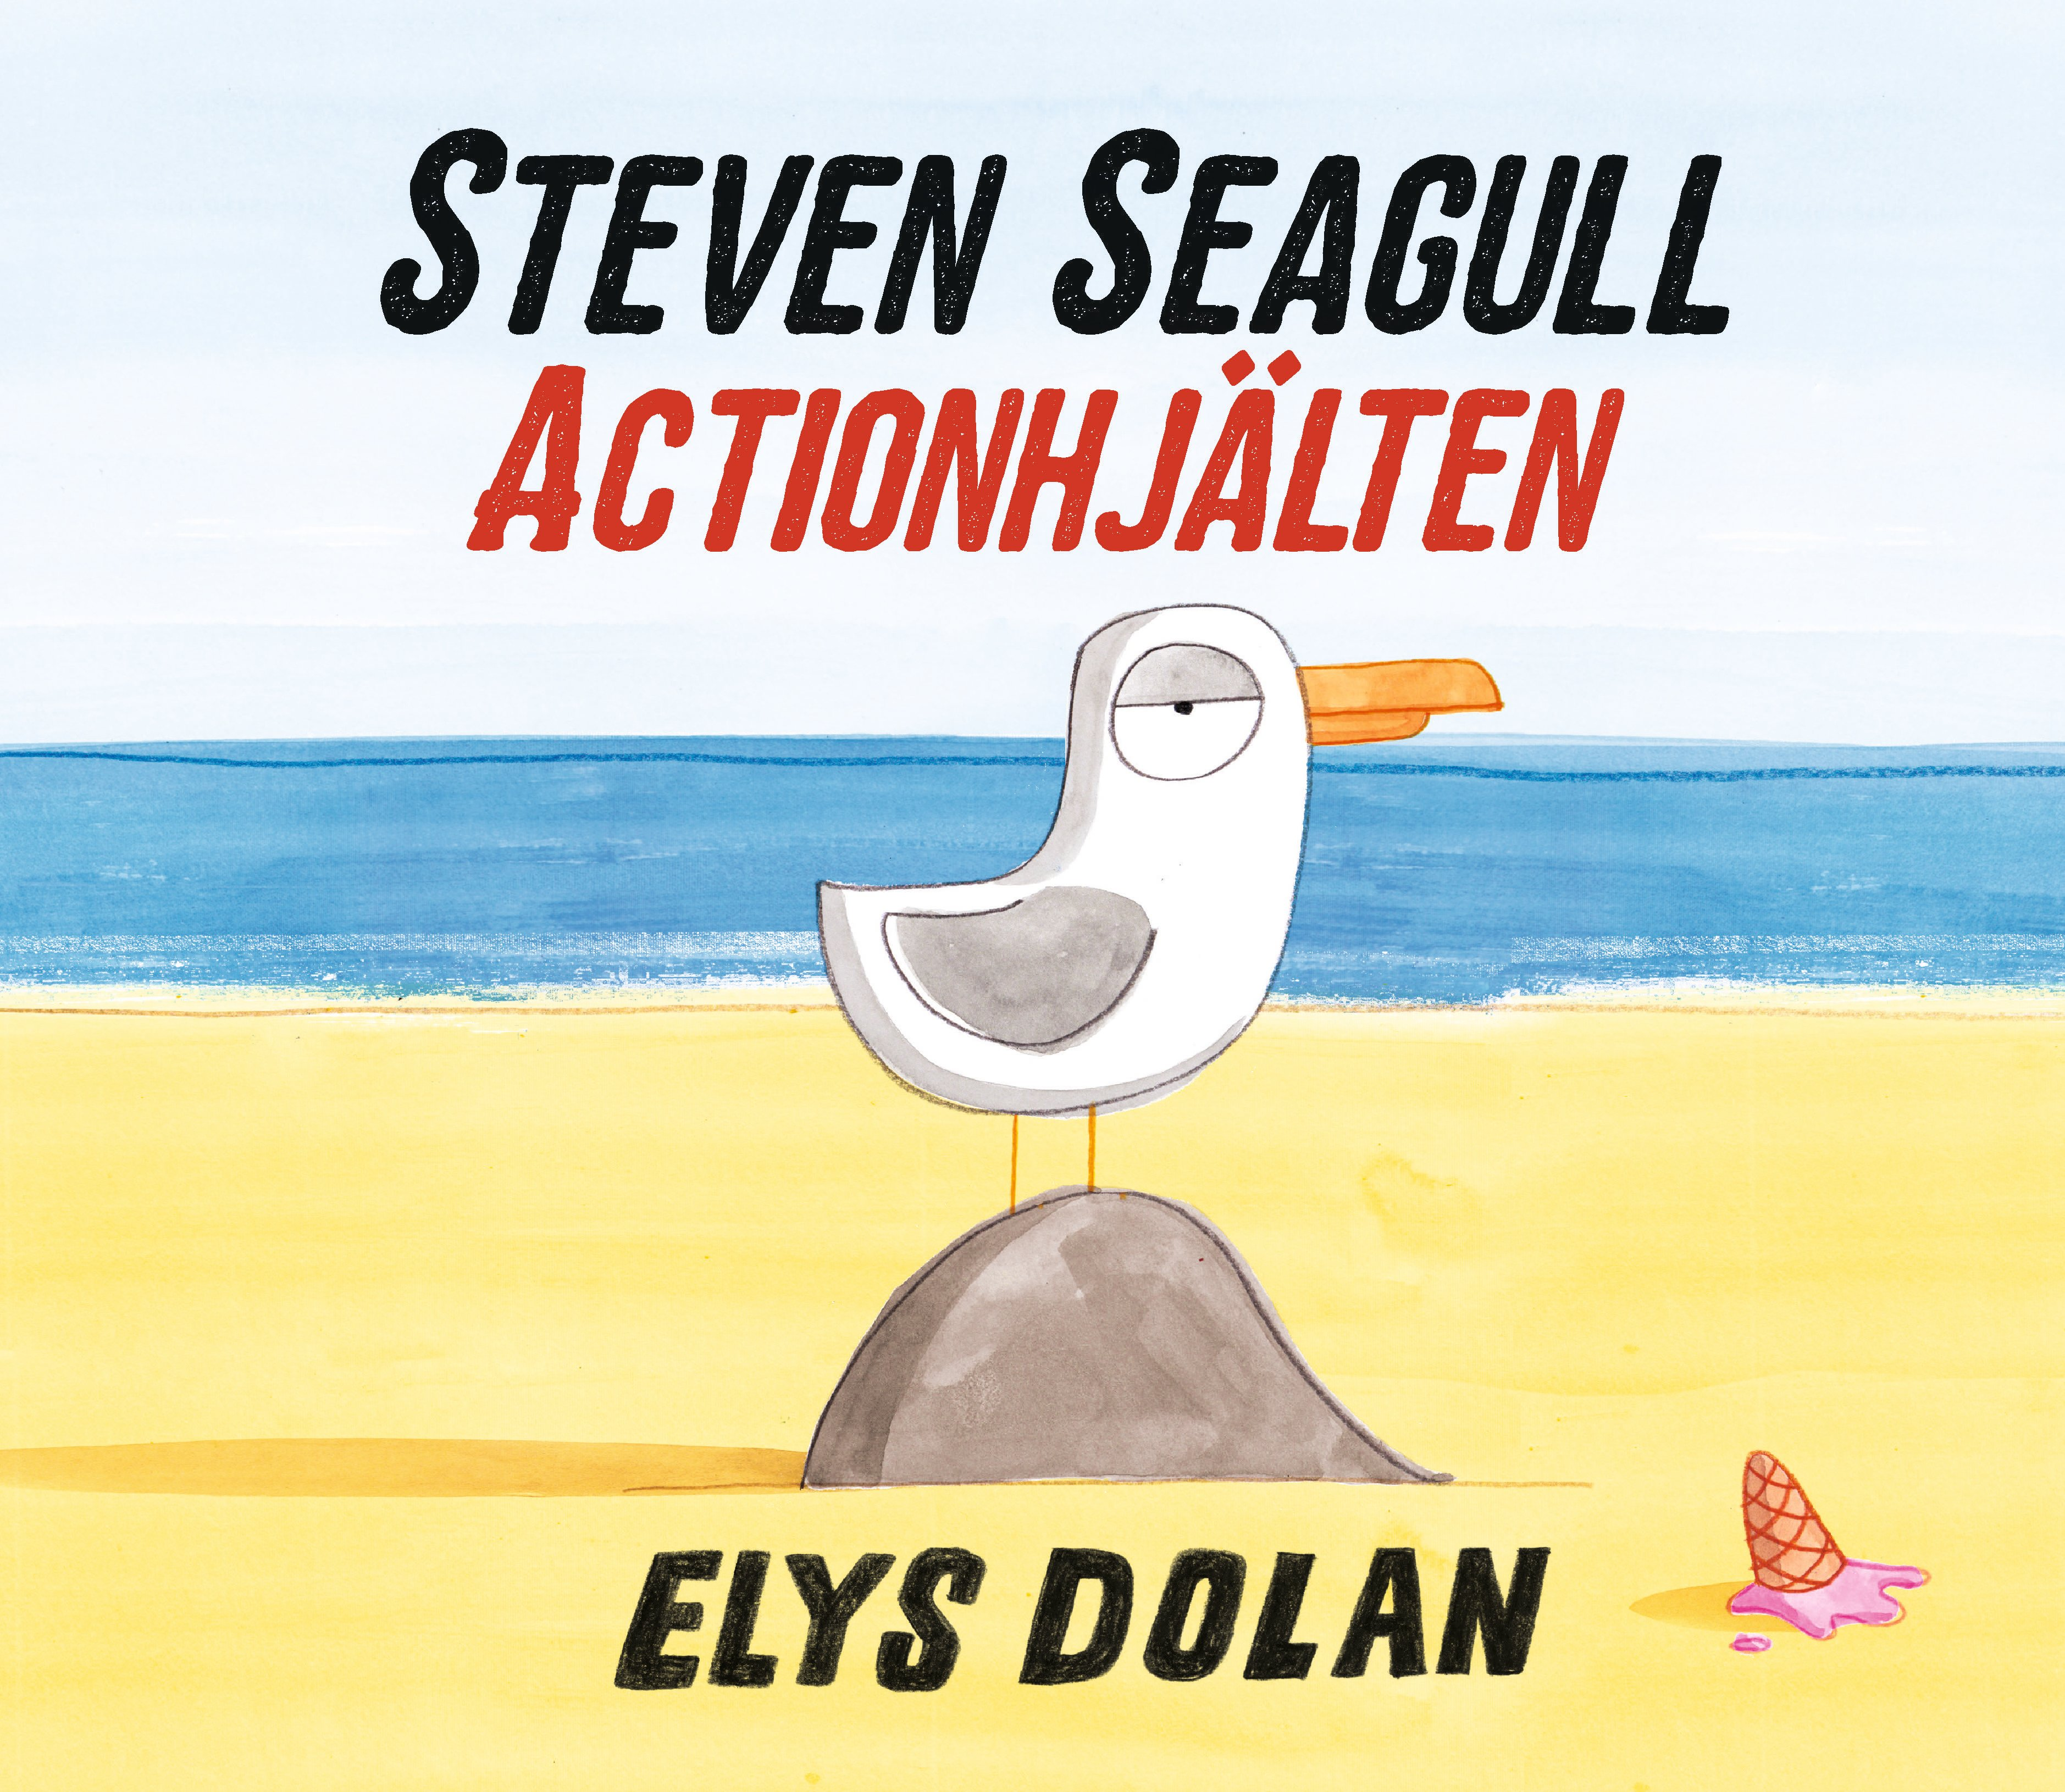 Steven Seagull Actionhjälten av Elys Dolan